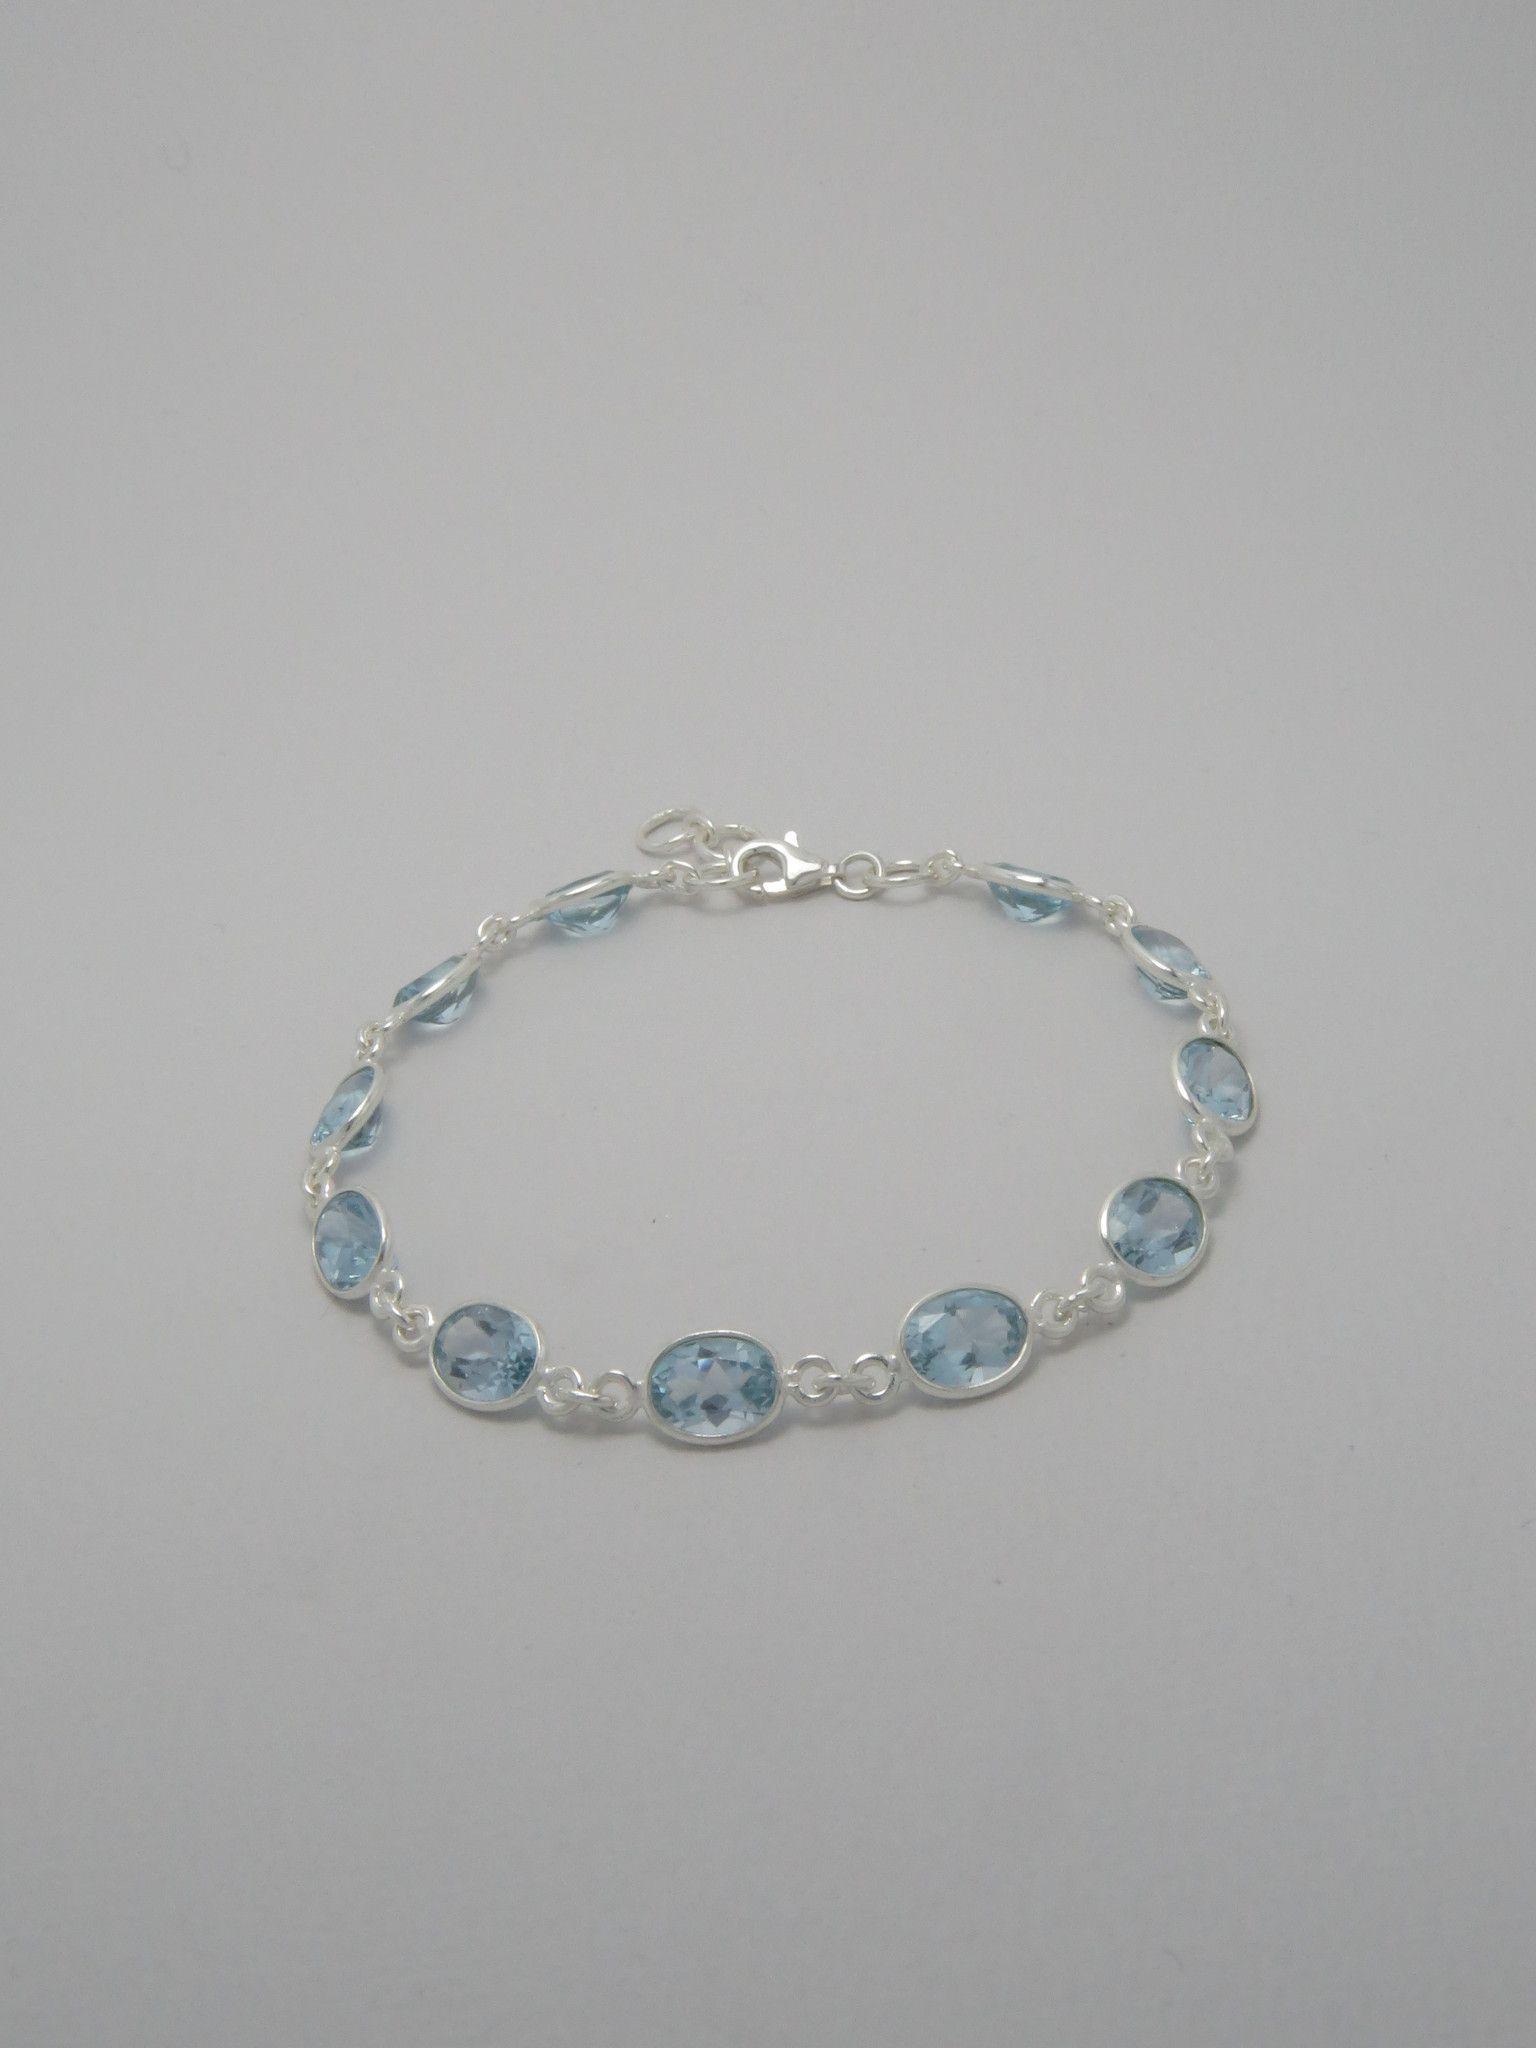 Sky Blue Topaz Sterling Silver Bracelet